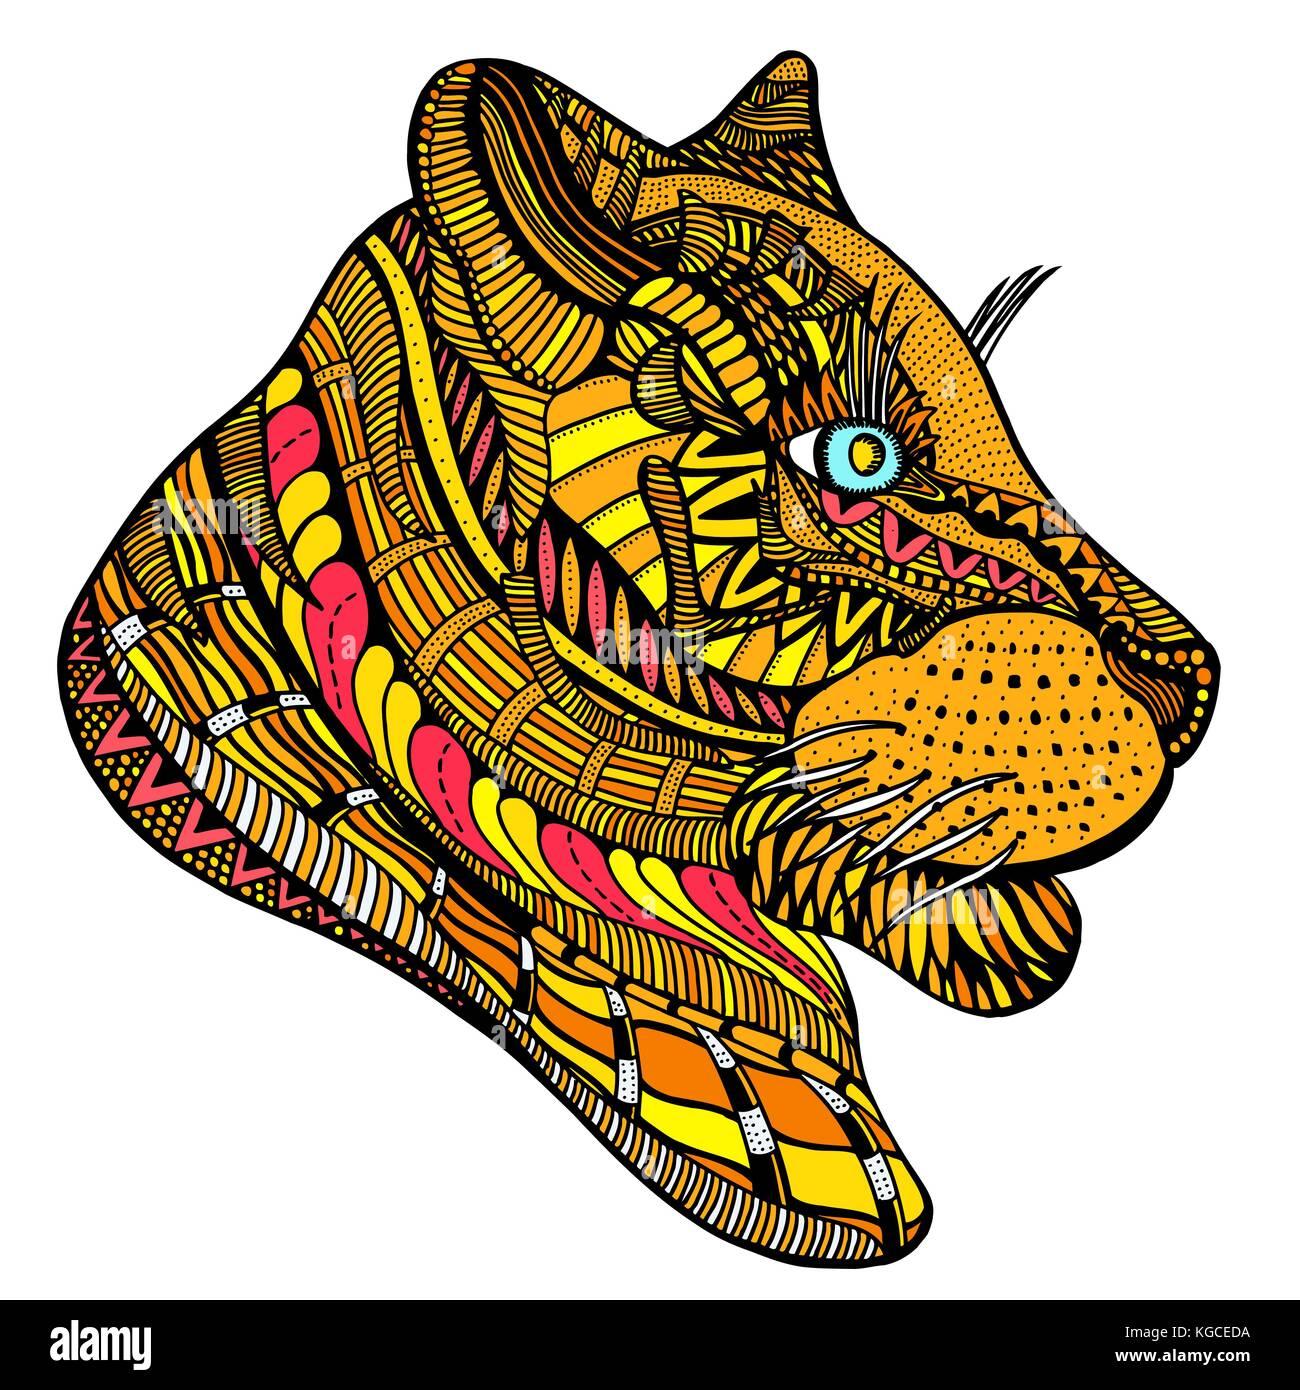 Coloriage Animaux Totem.Tete De Tigre Coloriage Antistress Adultes Couleur Hand Drawn